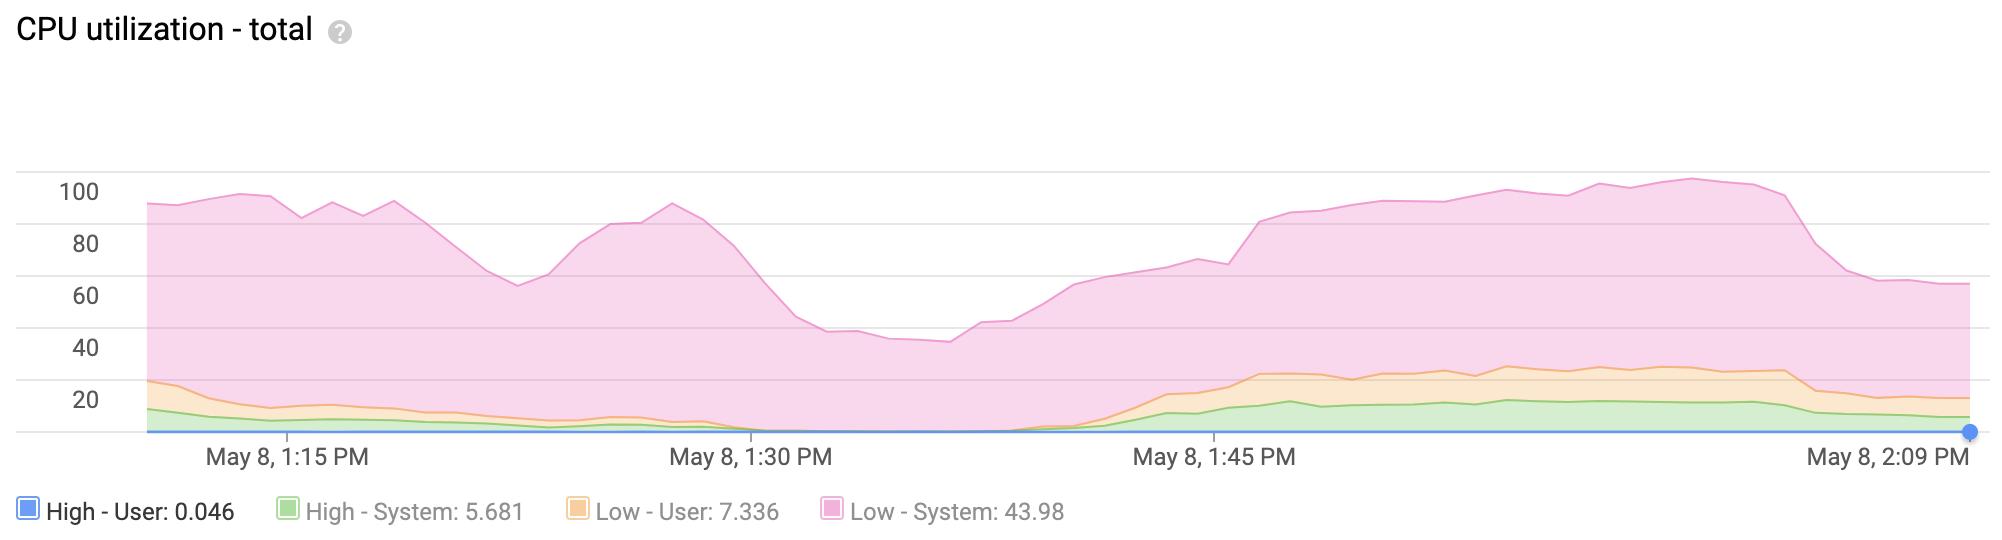 この折れ線グラフは、過去 1 時間で CPU の合計使用量が高いインスタンスを表しています。このアクティビティの大半は、優先度が低いシステムタスクです。